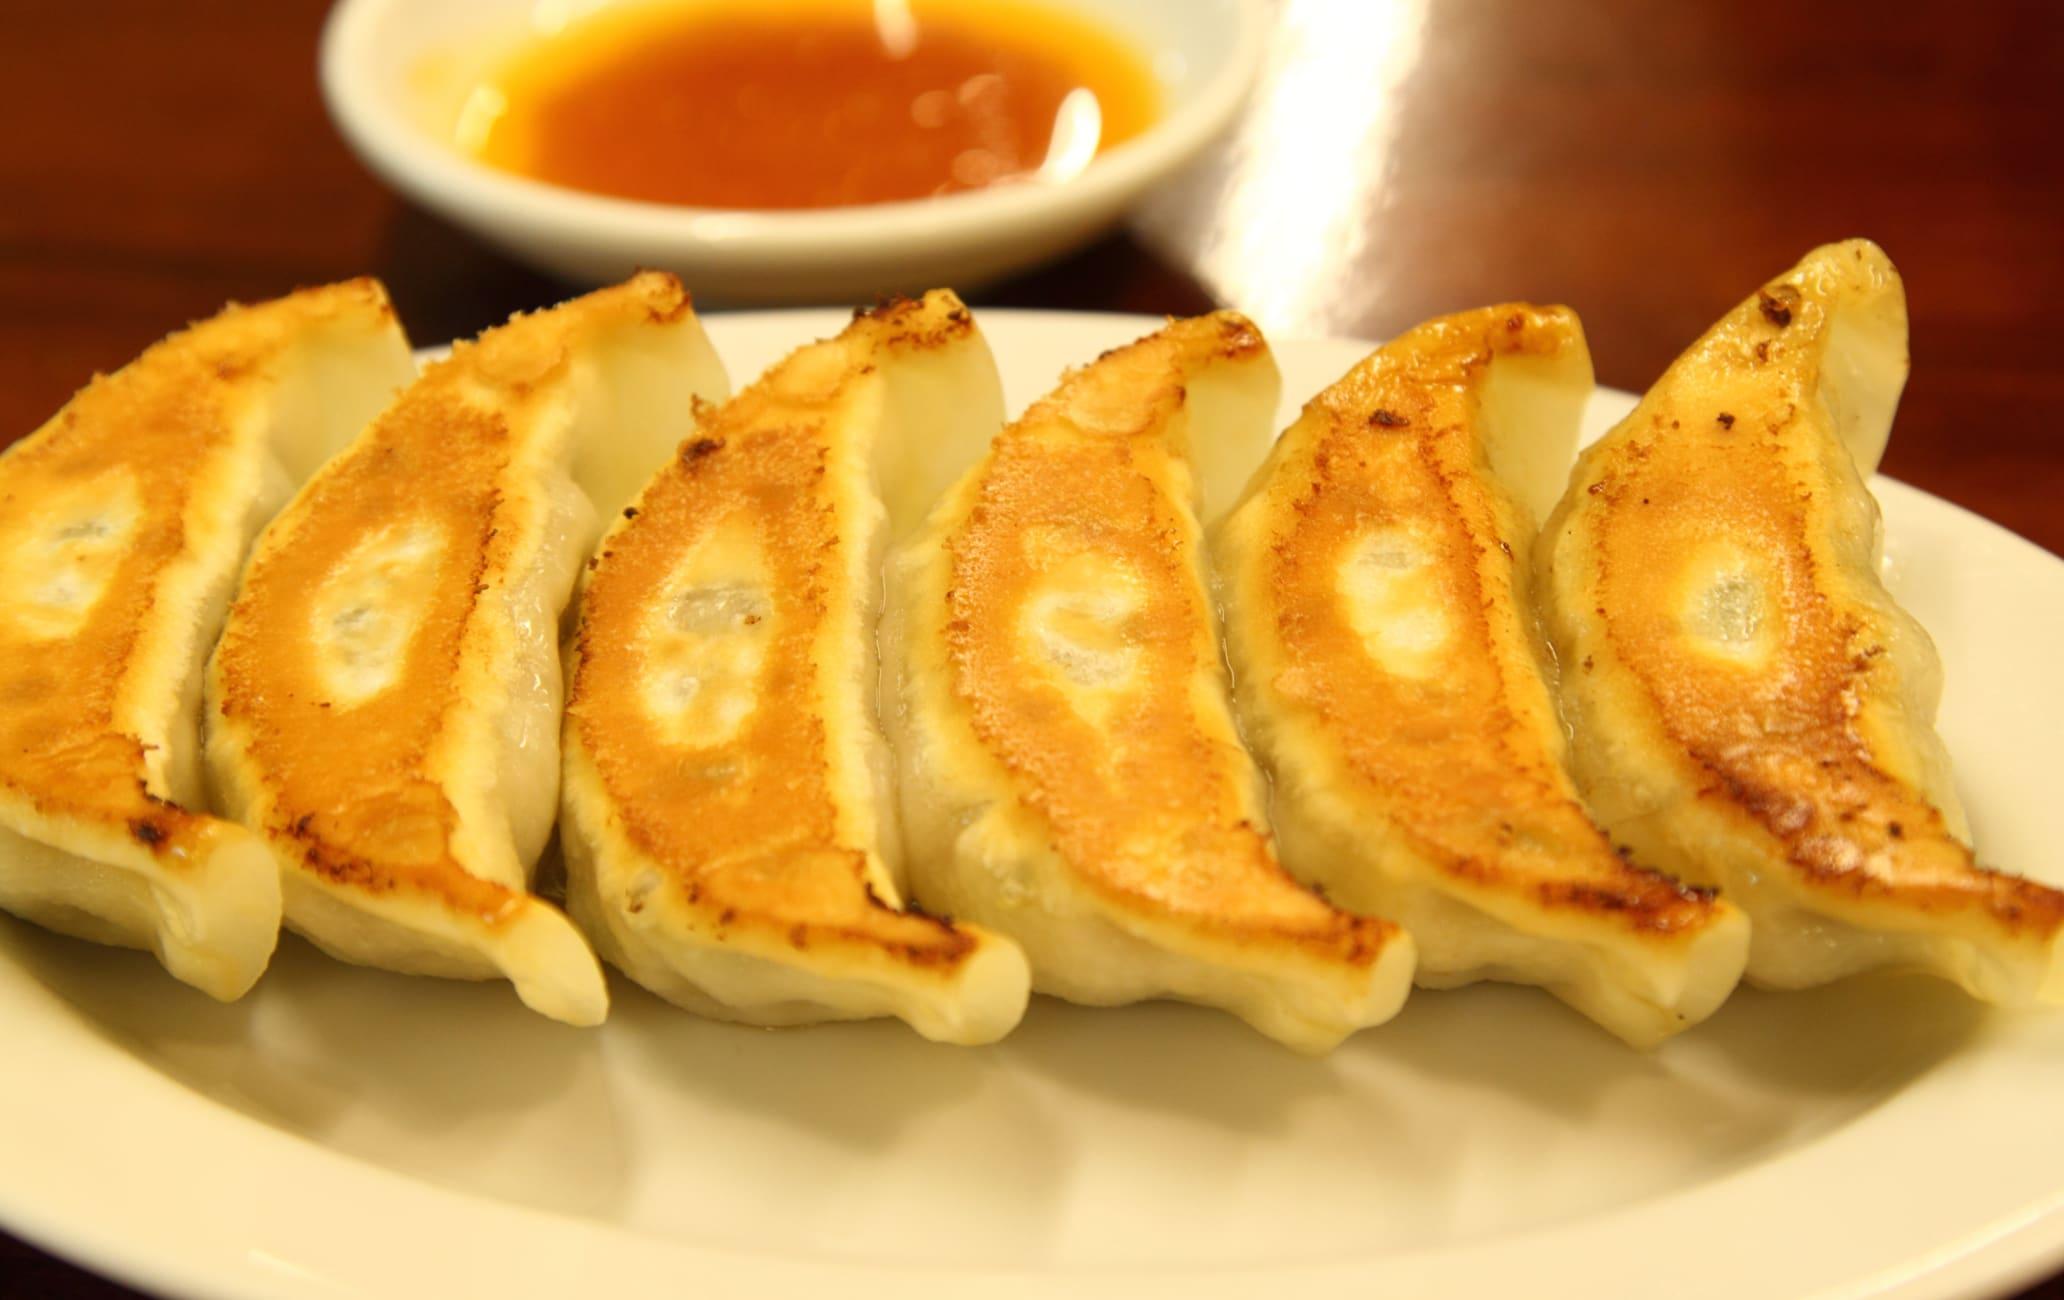 Gyoza dumpling shops